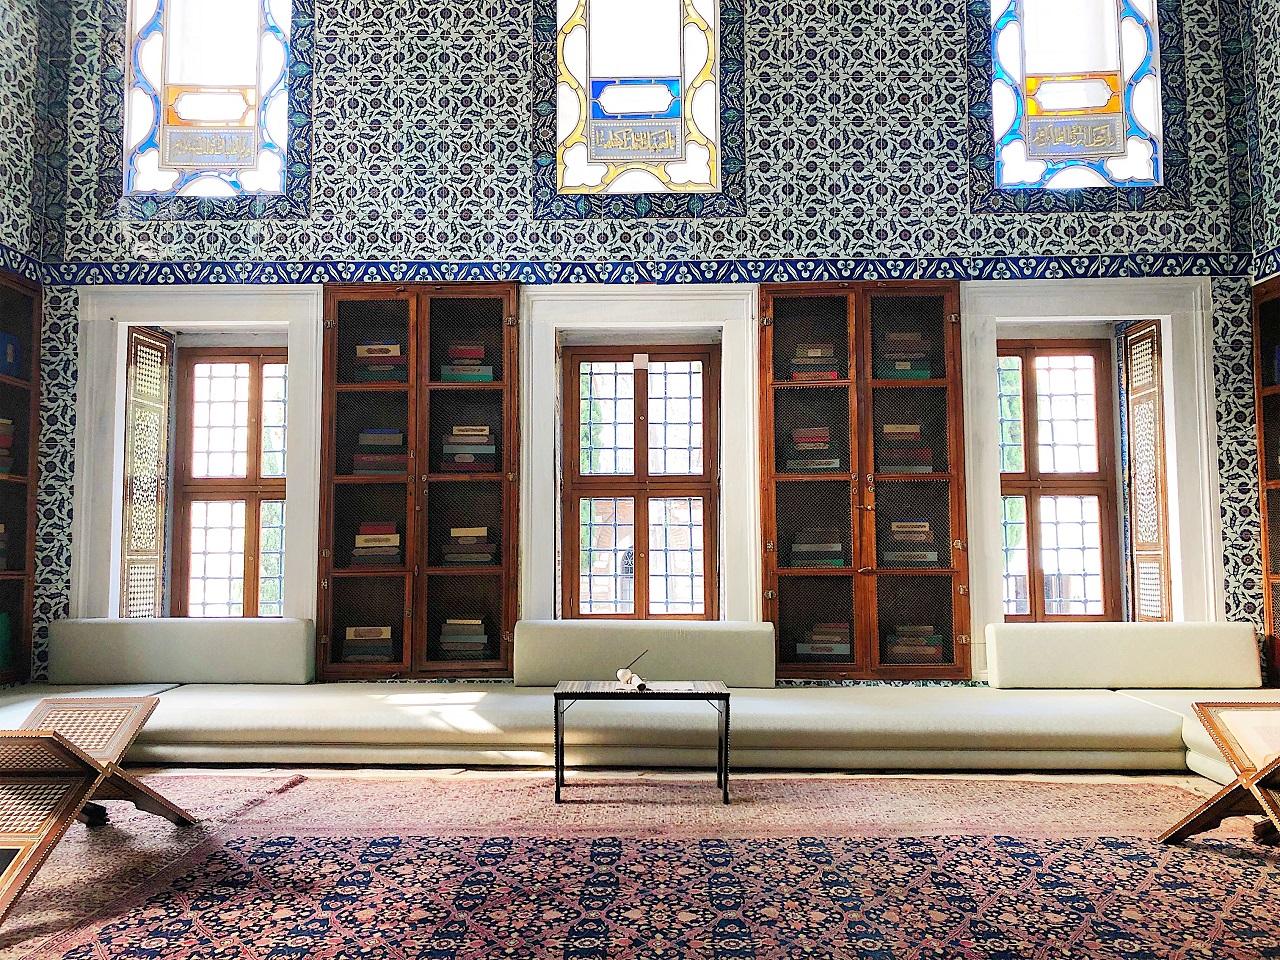 トプカプ宮殿 アフメト3世の書斎